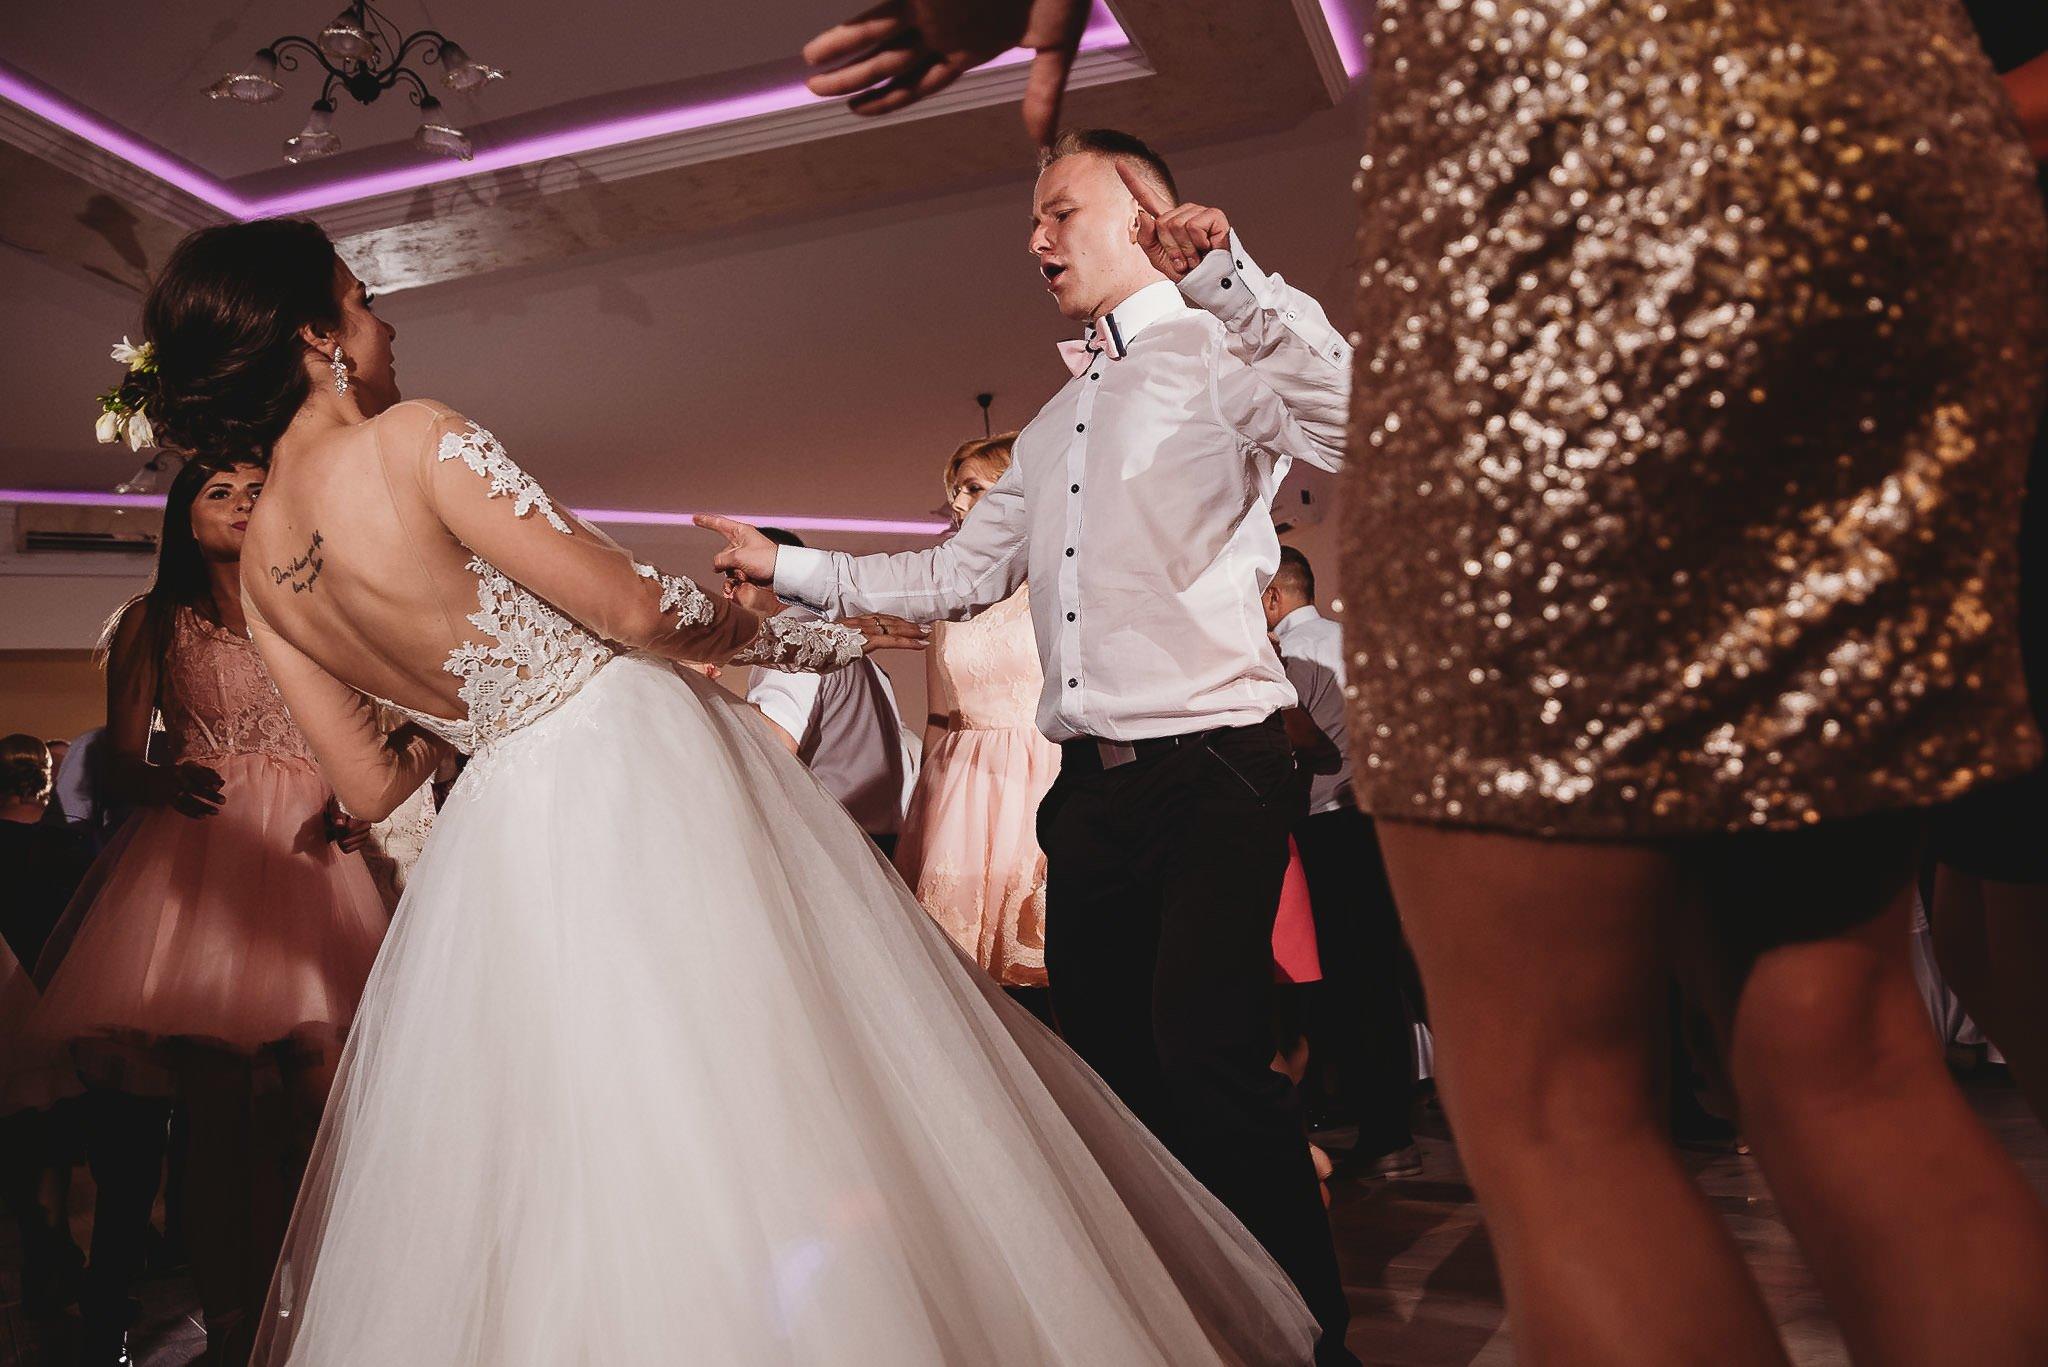 Angelika i Michał, piękne zdjęcia ślubne i sesja plenerowa w Gołuchowie 196